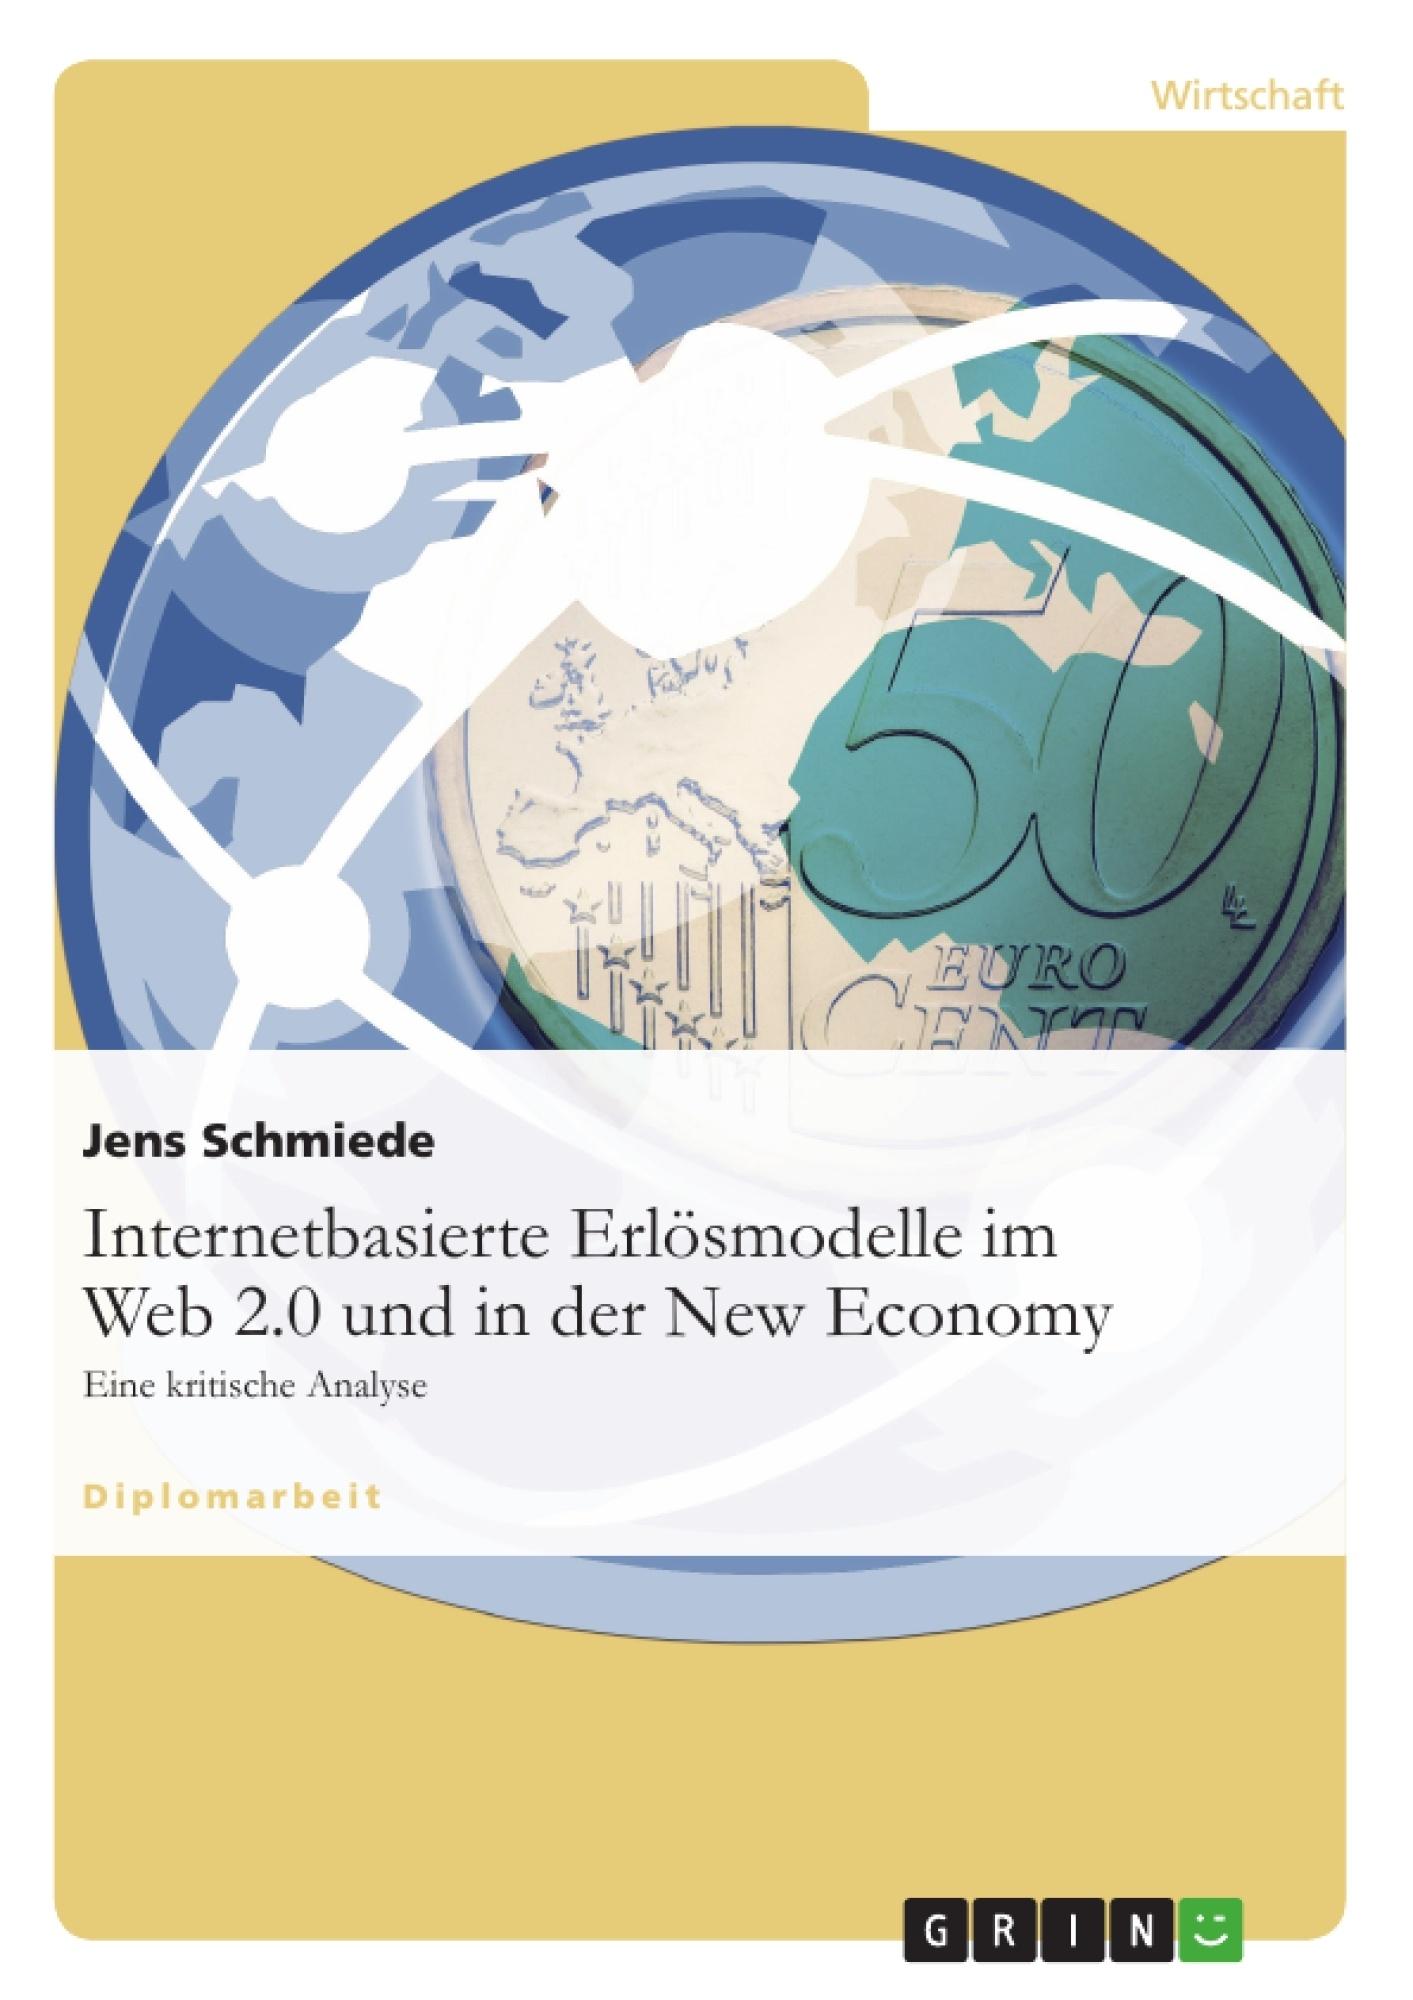 Titel: Internetbasierte Erlösmodelle im Web 2.0 und in der New Economy